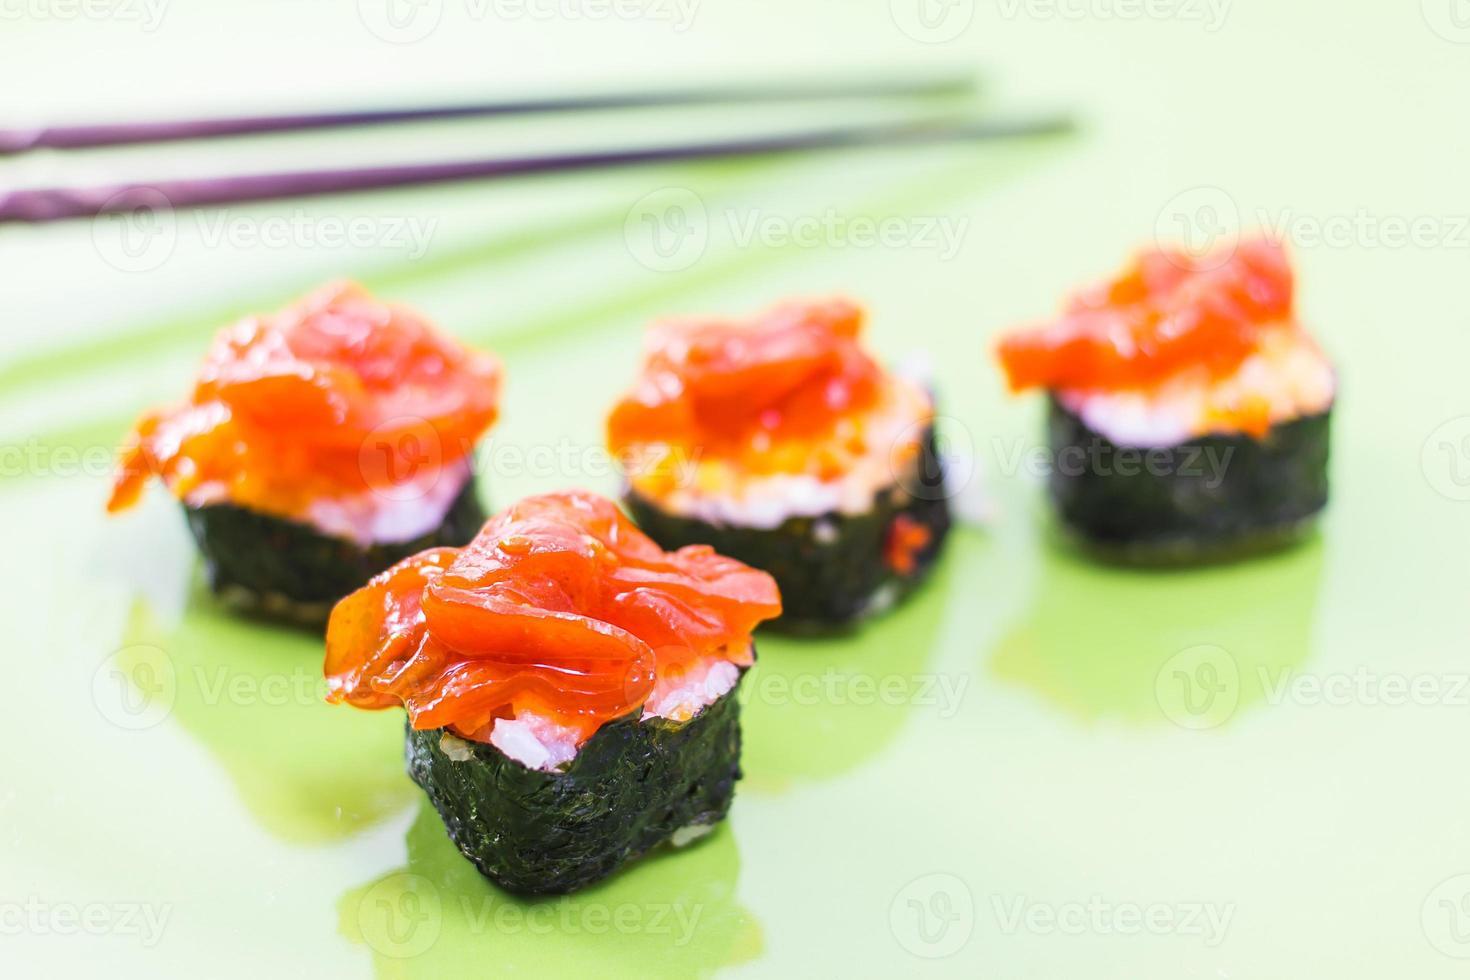 rollos de sushi comida tradicional japonesa foto